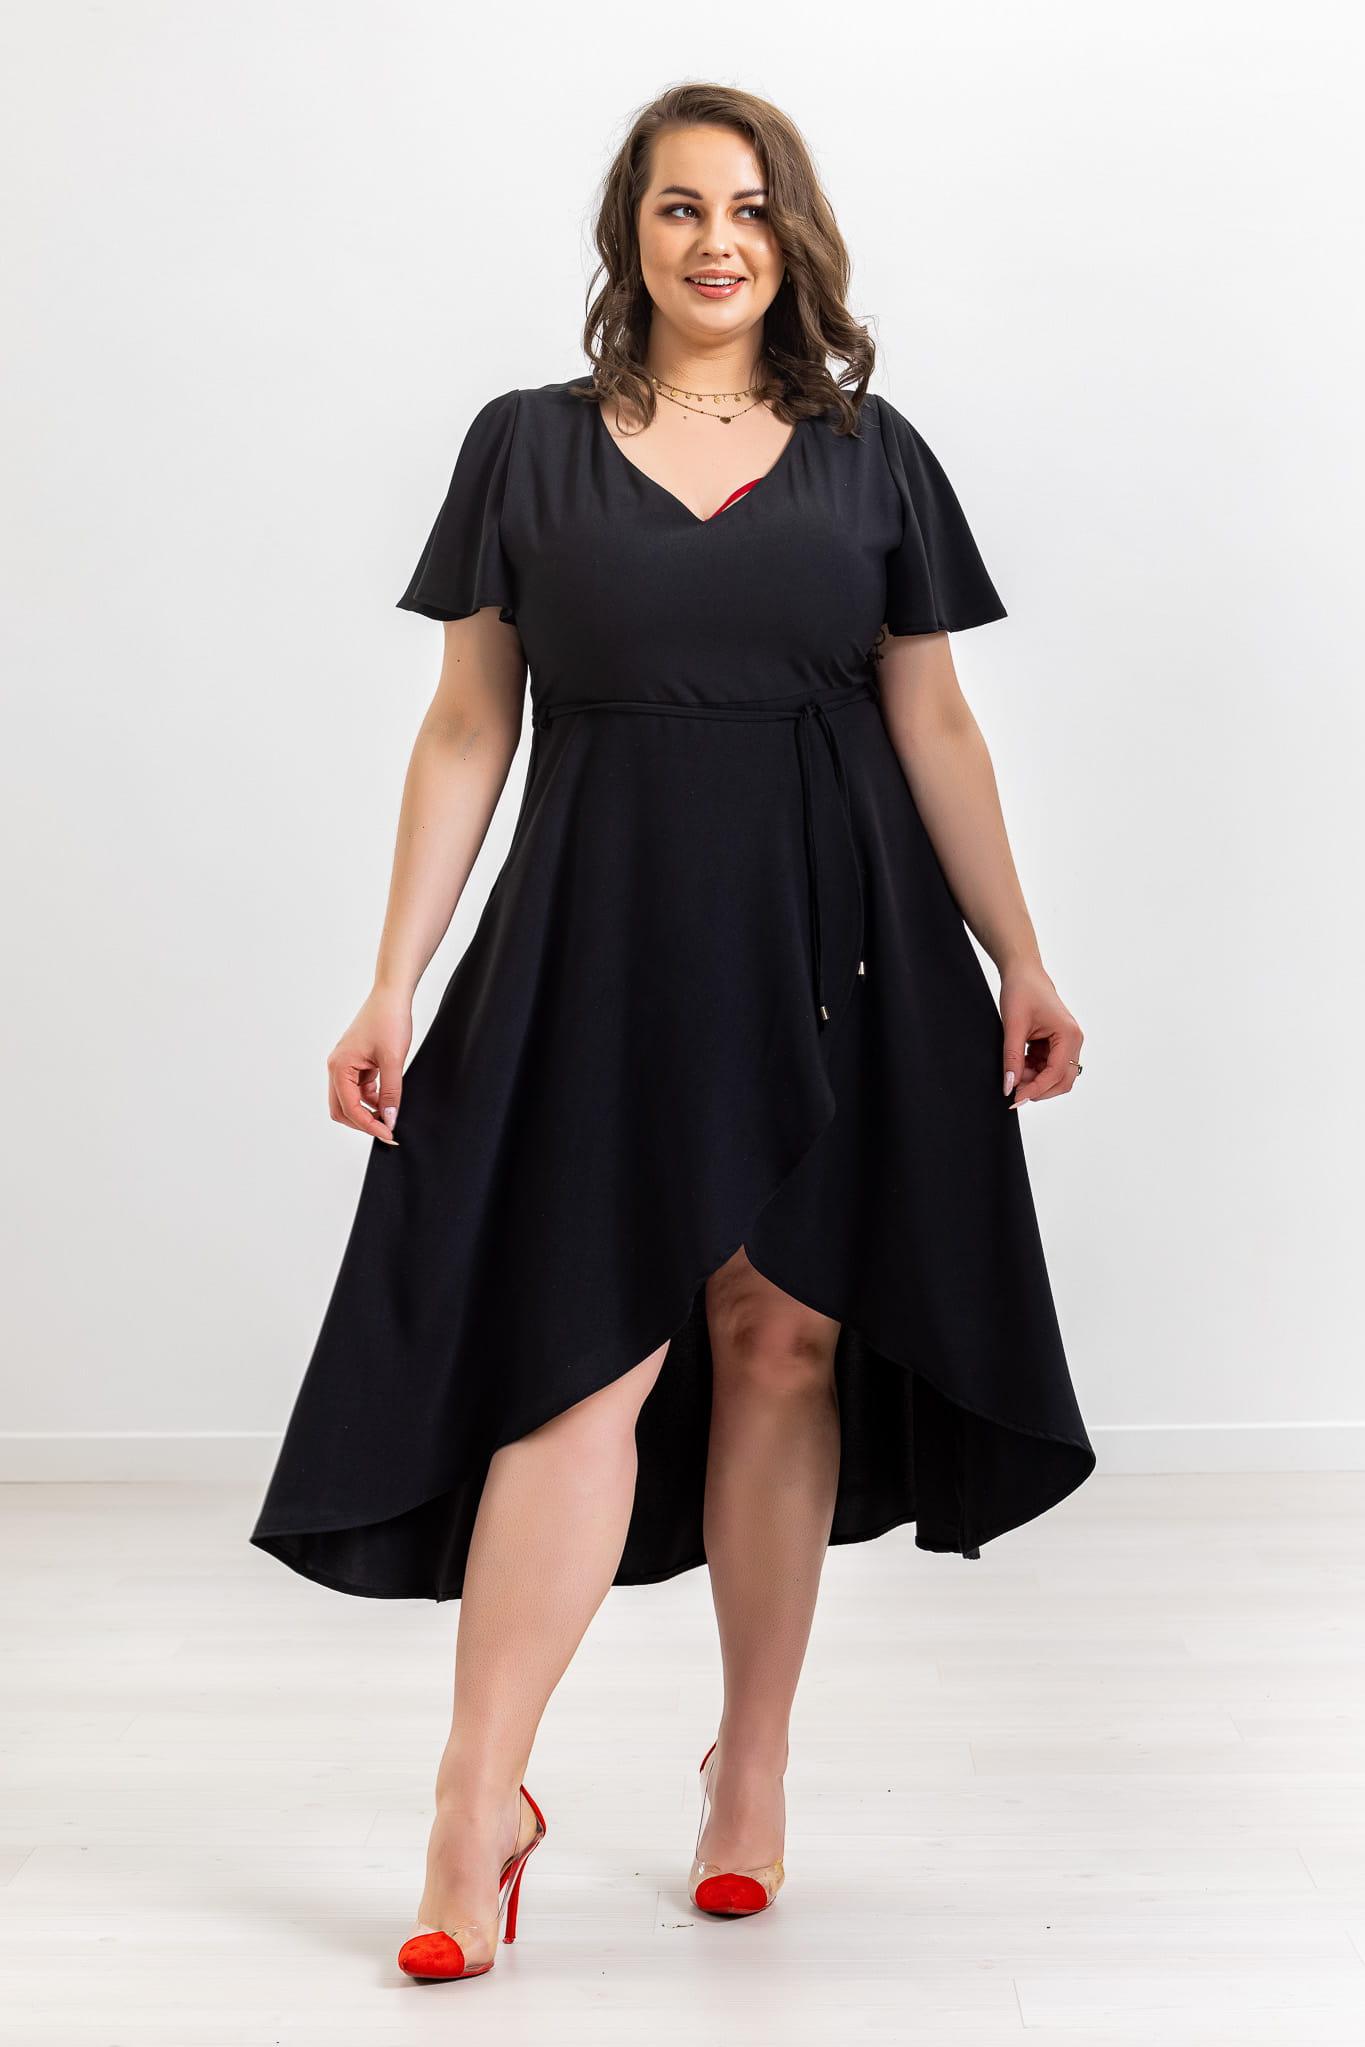 Czarna sukienka Atena XXL OVERSIZE WIOSNA rozmiar 48